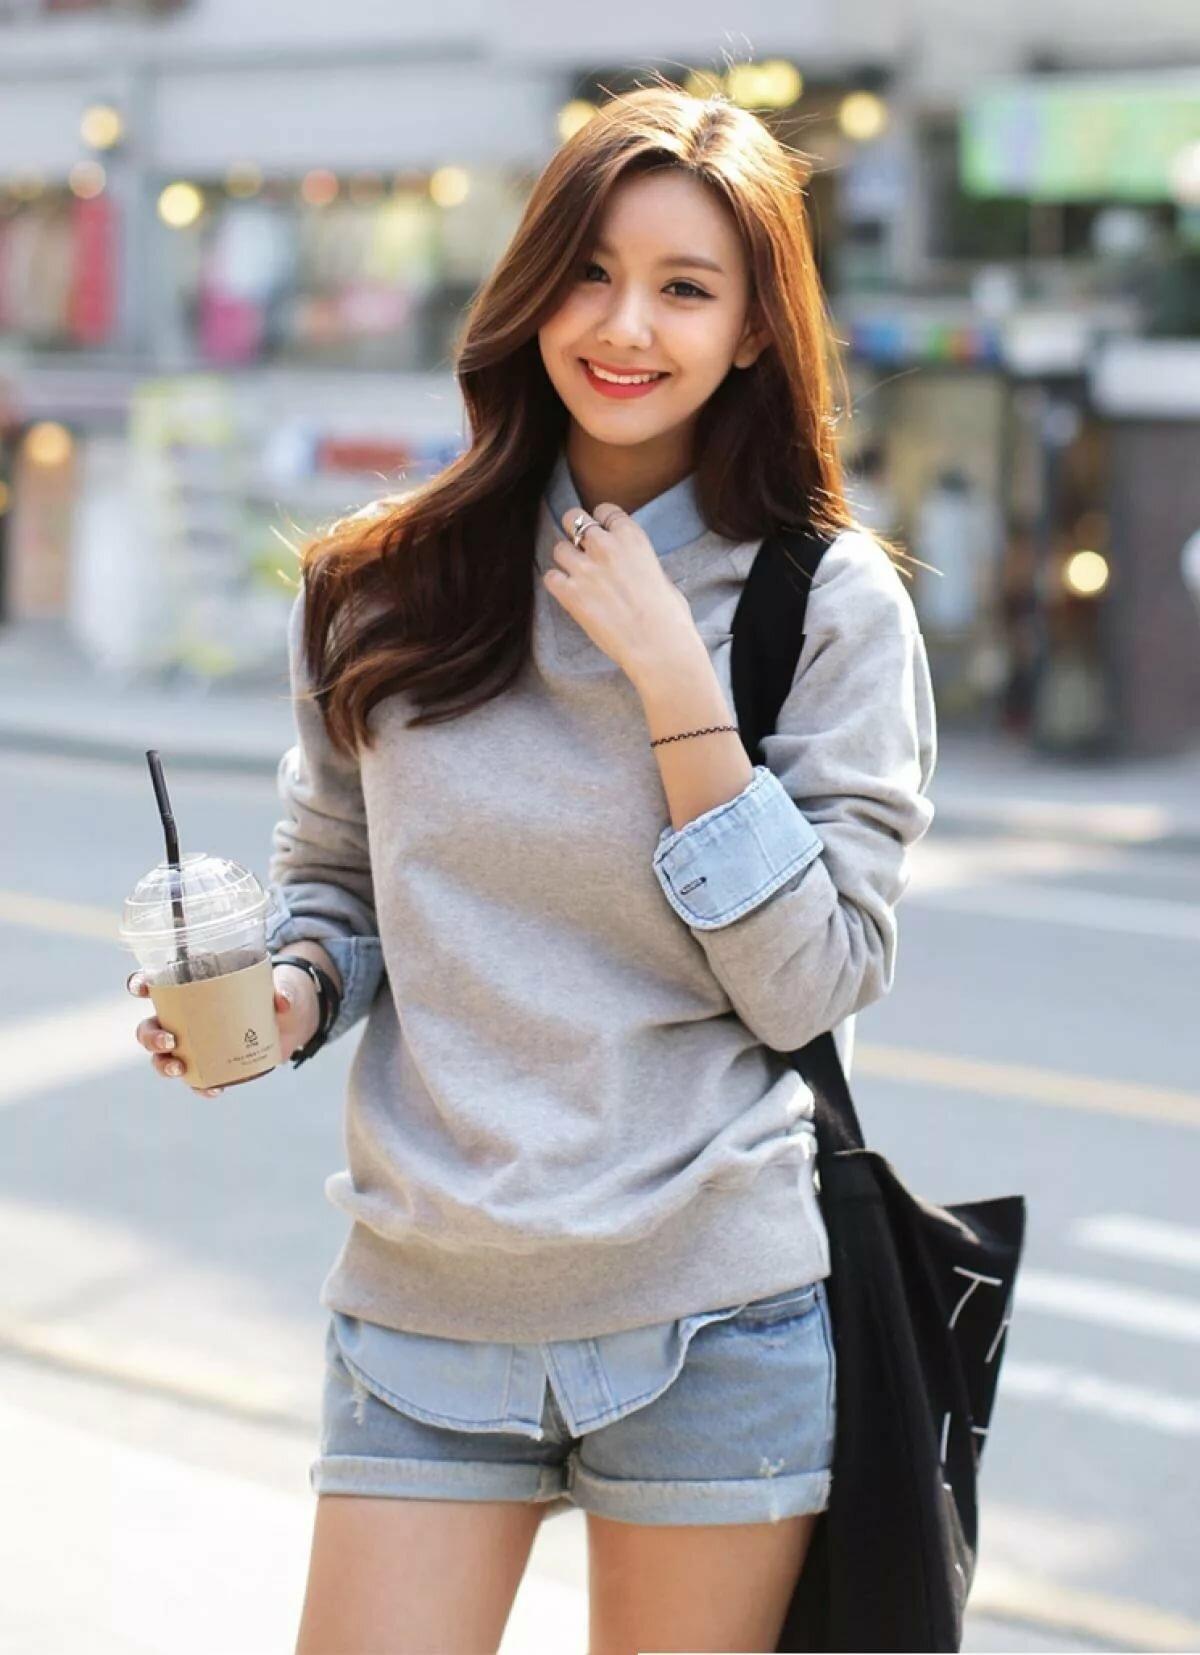 низкие кореянки фото изменении